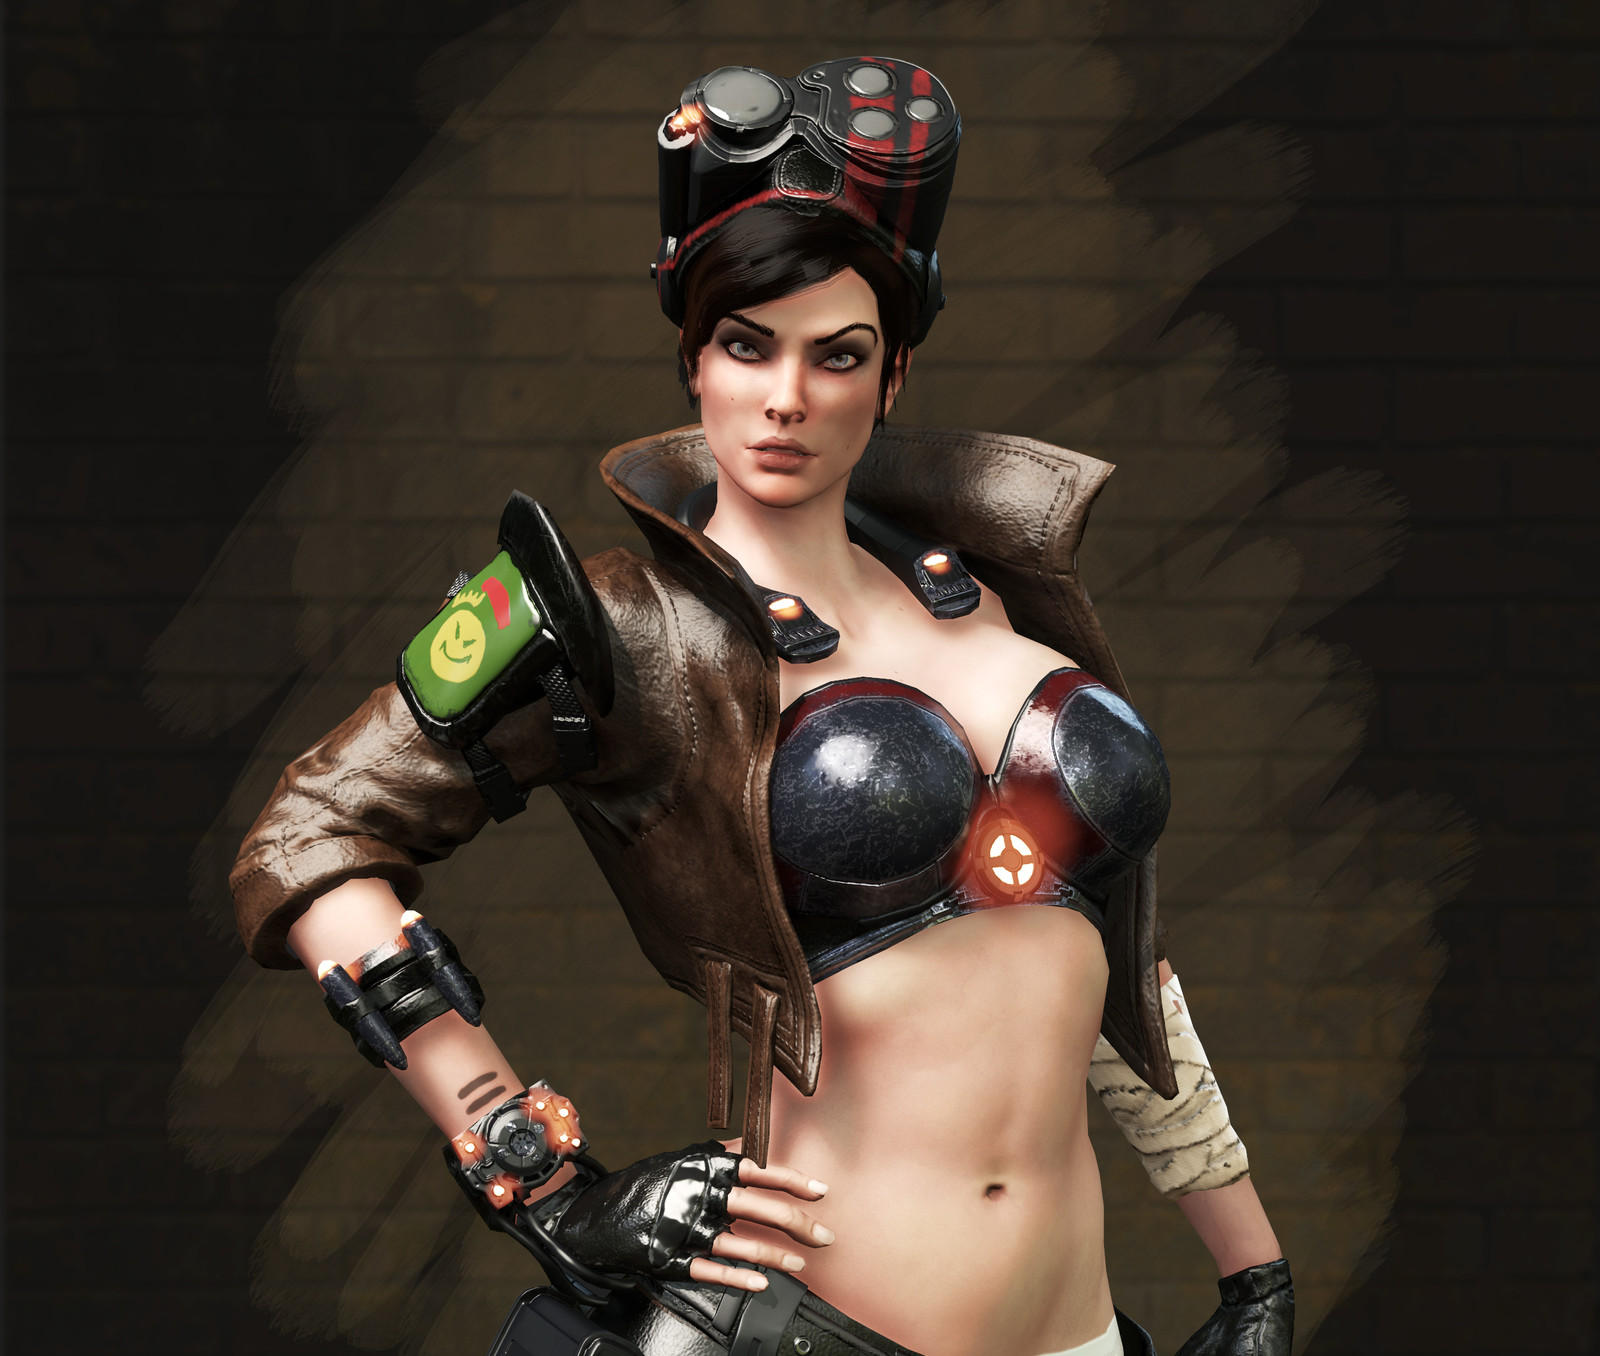 Pilot Female Character - Concept from David-Sladek